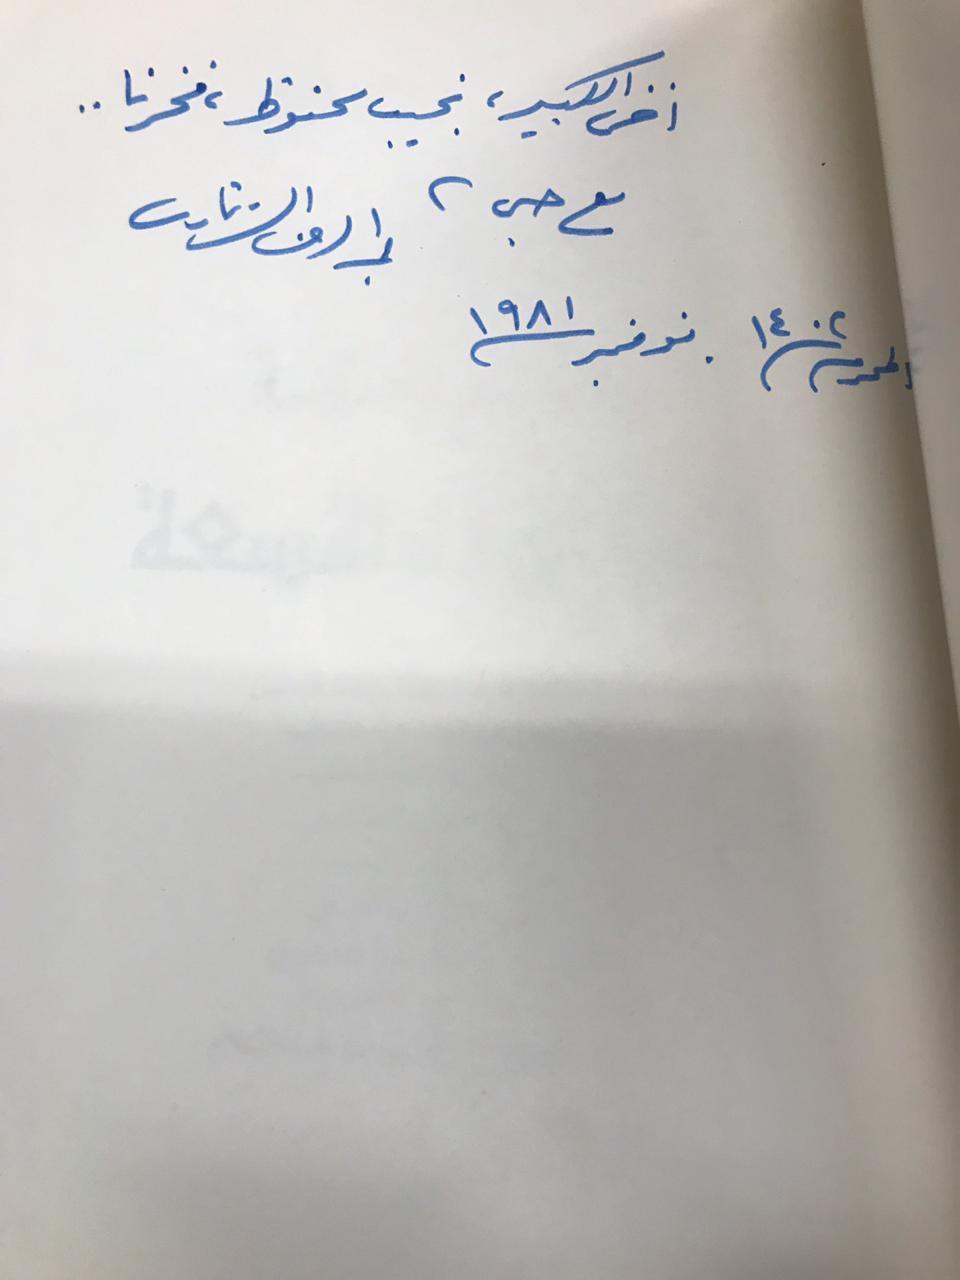 عبد الرحمن الشرقاوى